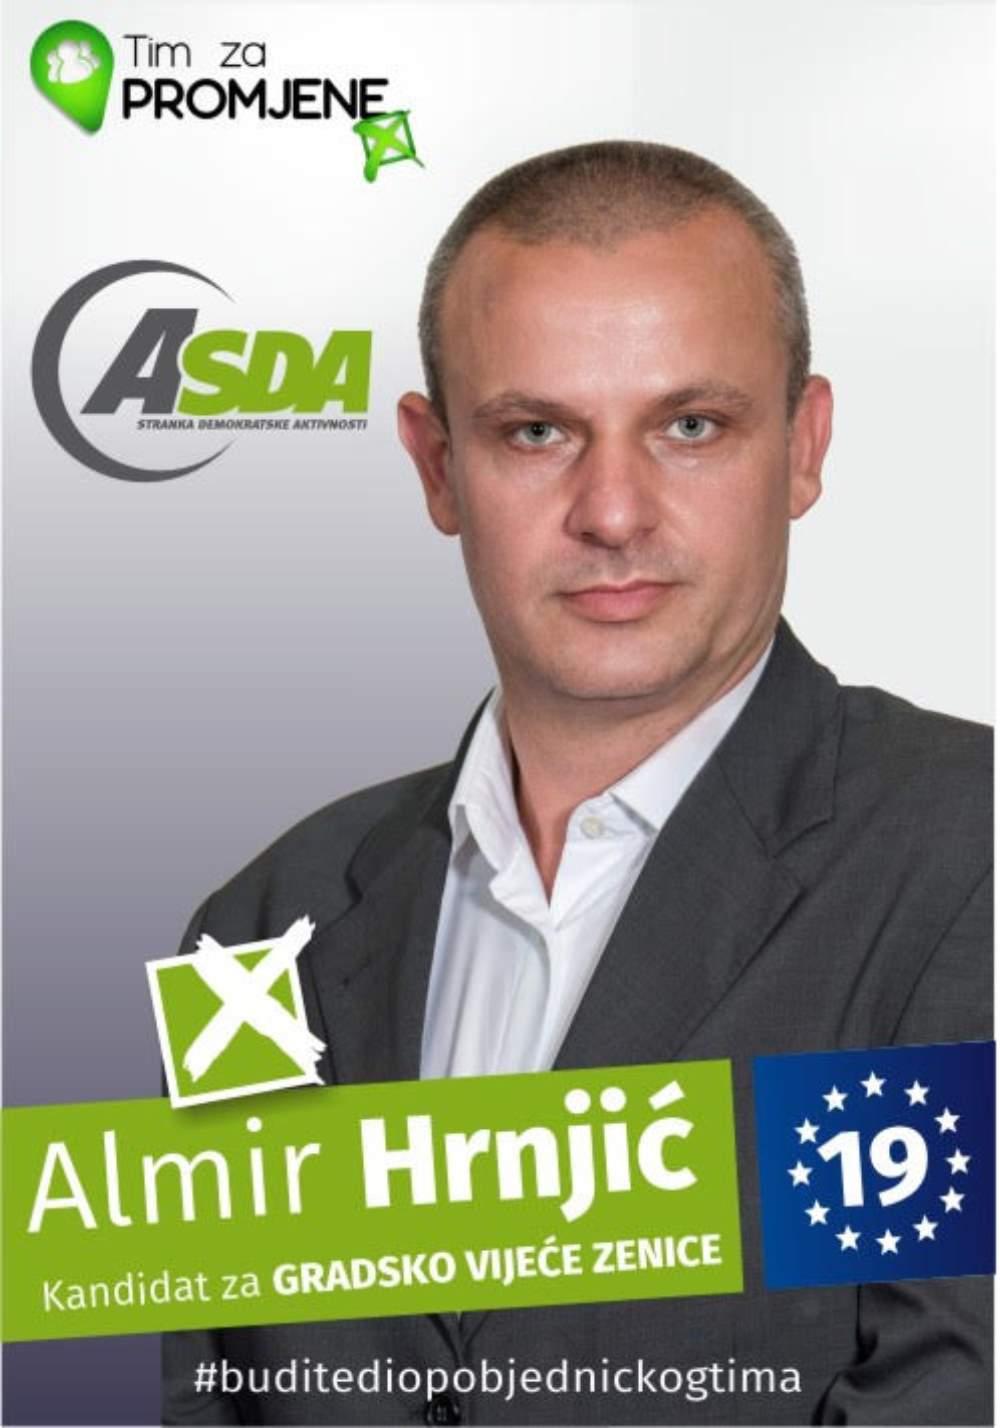 Almir Hrnjić